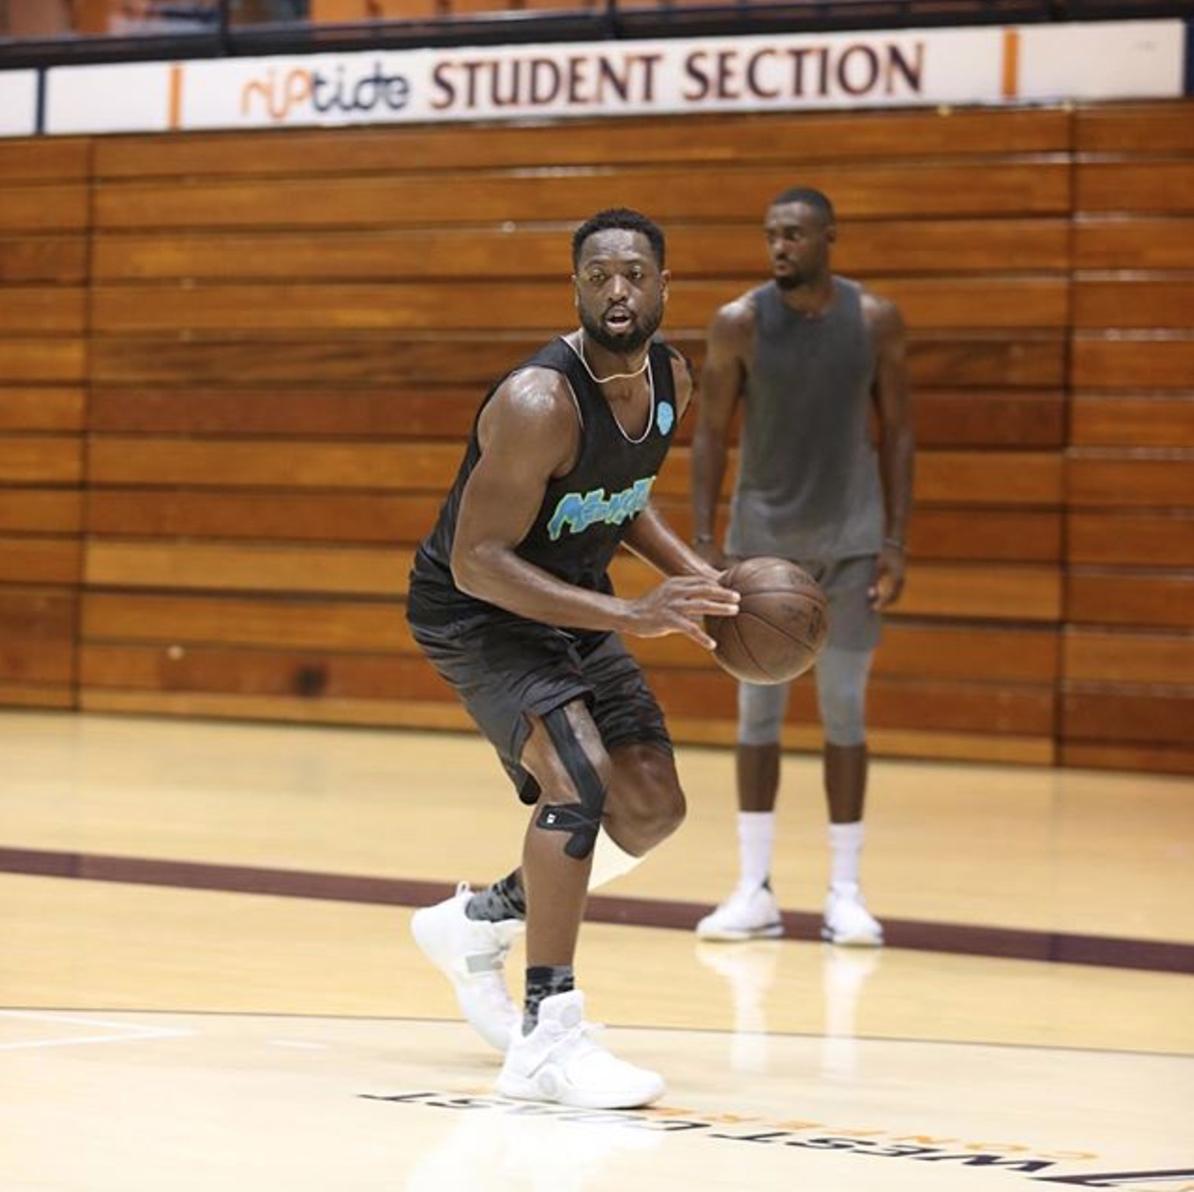 Dwyane Wade Workout: New York Knicks: Tim Hardaway Jr. Works Out With Dwyane Wade